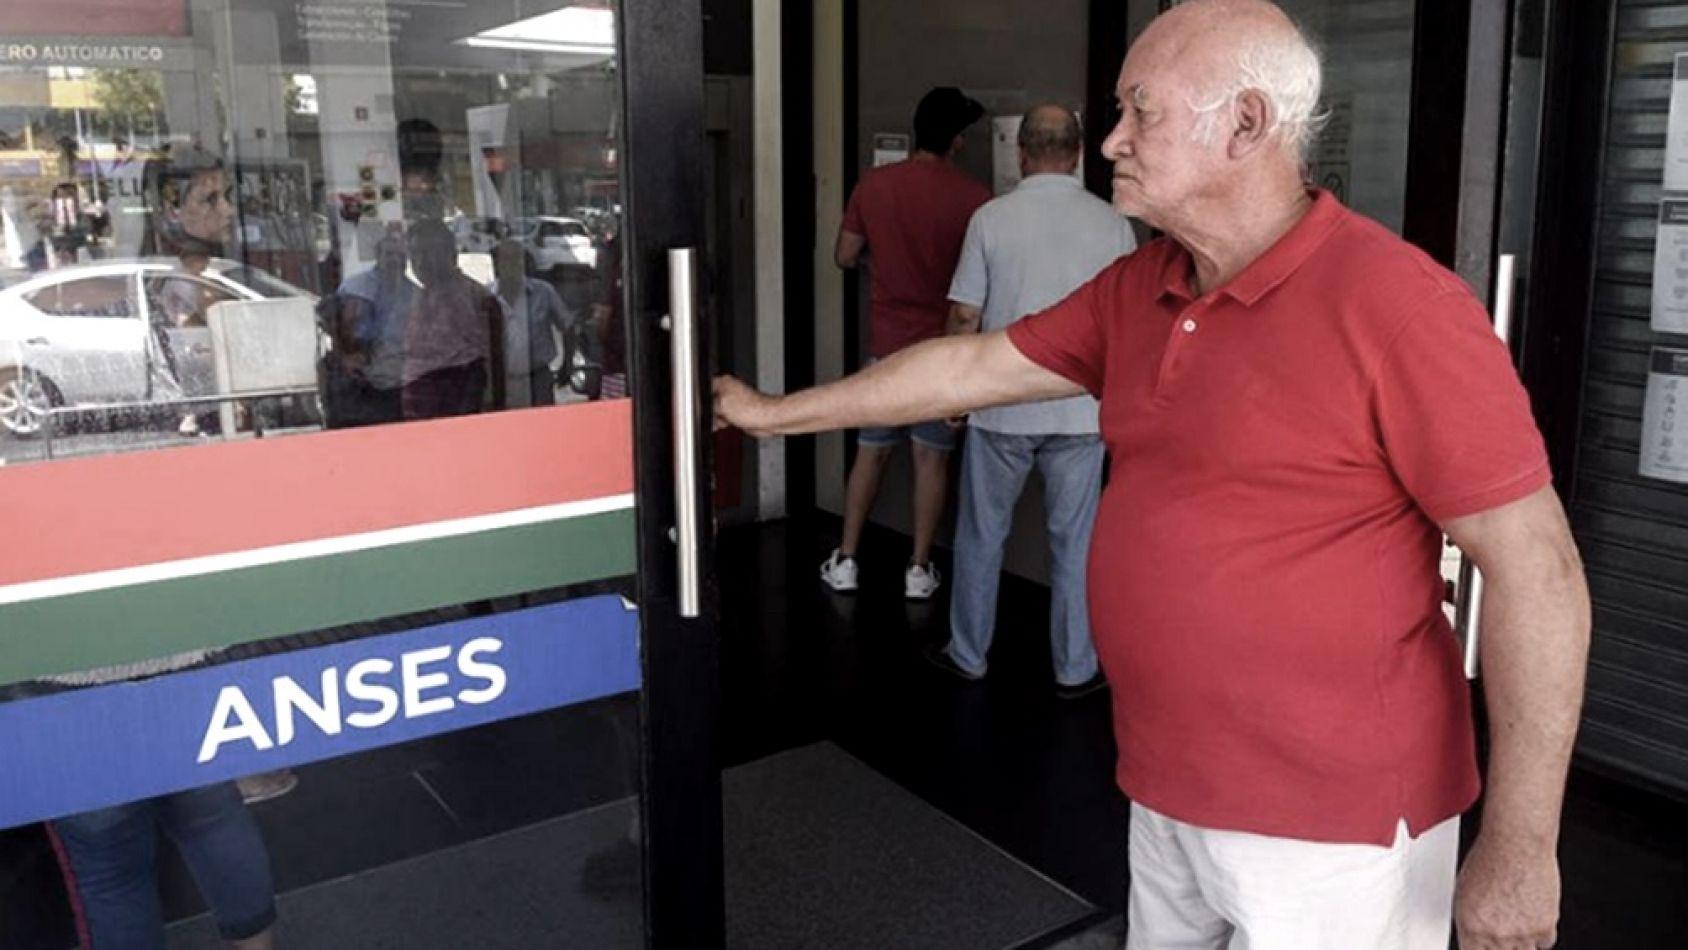 Anses anunció el cronograma de pago del bono de $5000 para jubilados